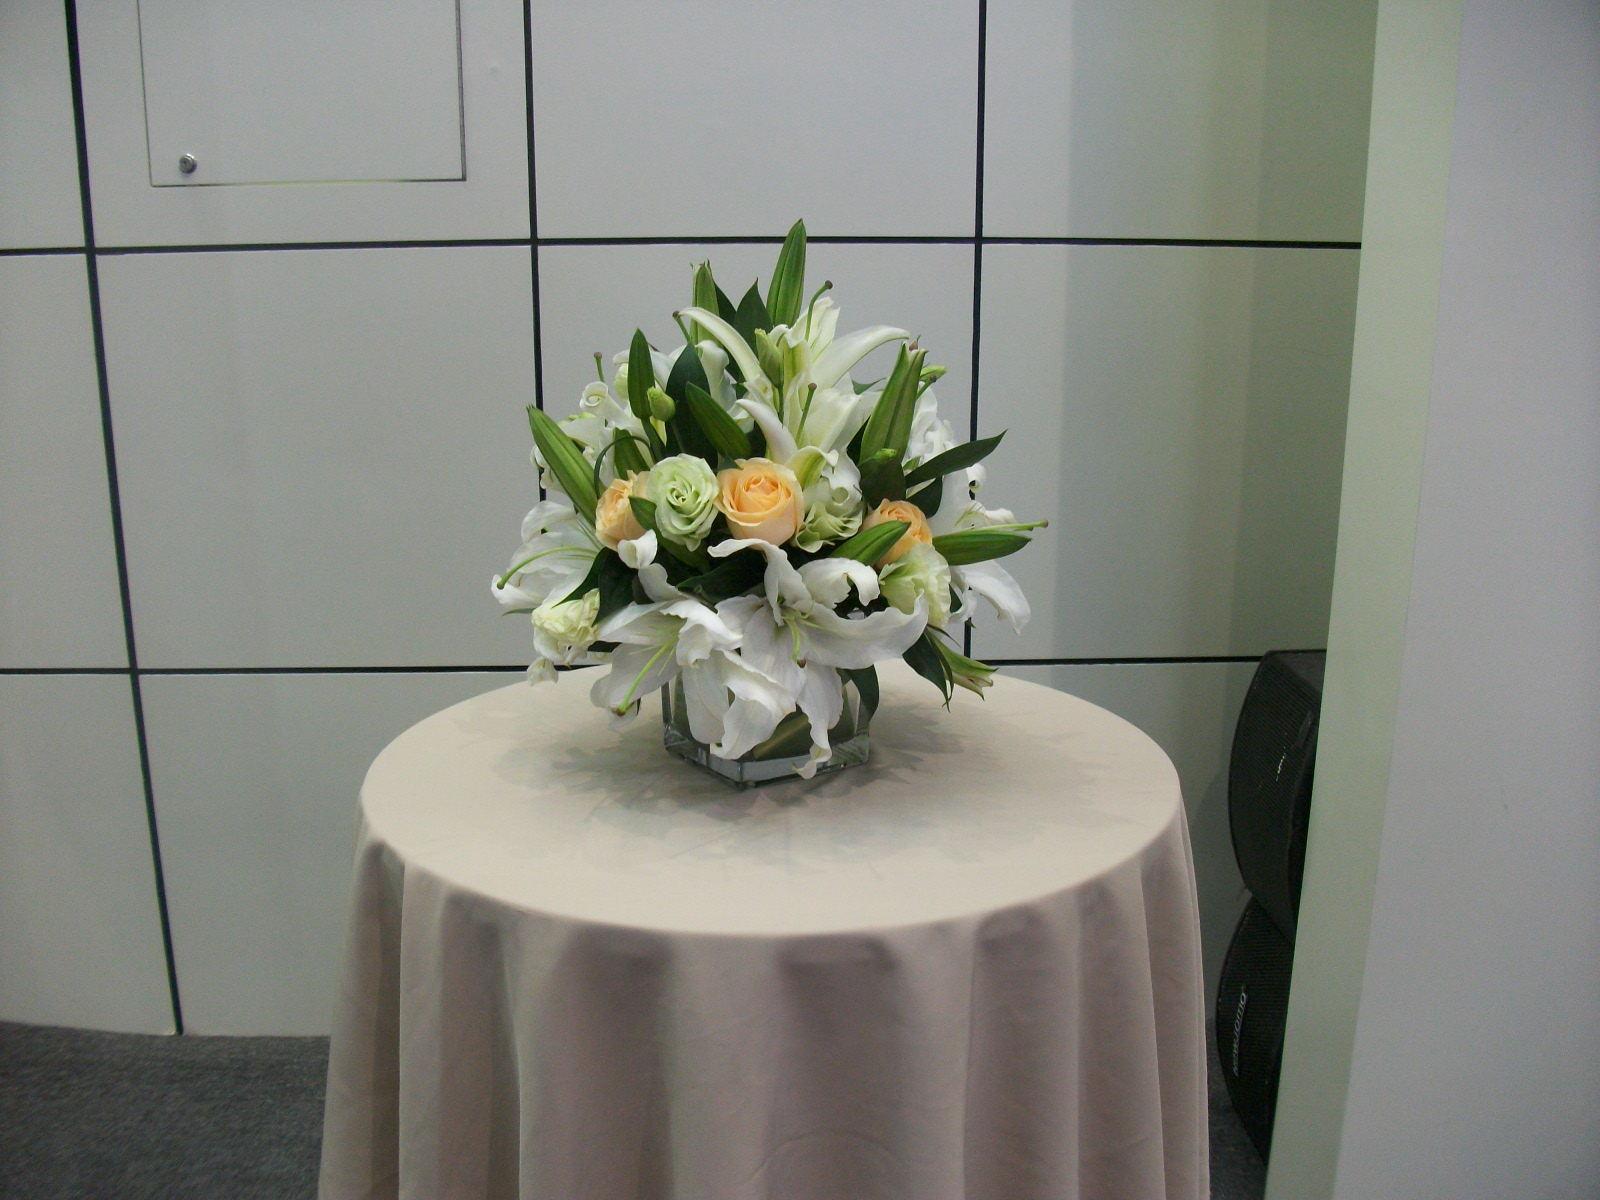 石夏兰婚宴,宴会,酒会,酒店等高档场所,装饰花,189元,花材,玫瑰,百合,包装,台面花,玻璃瓶插花鲜花图片展示